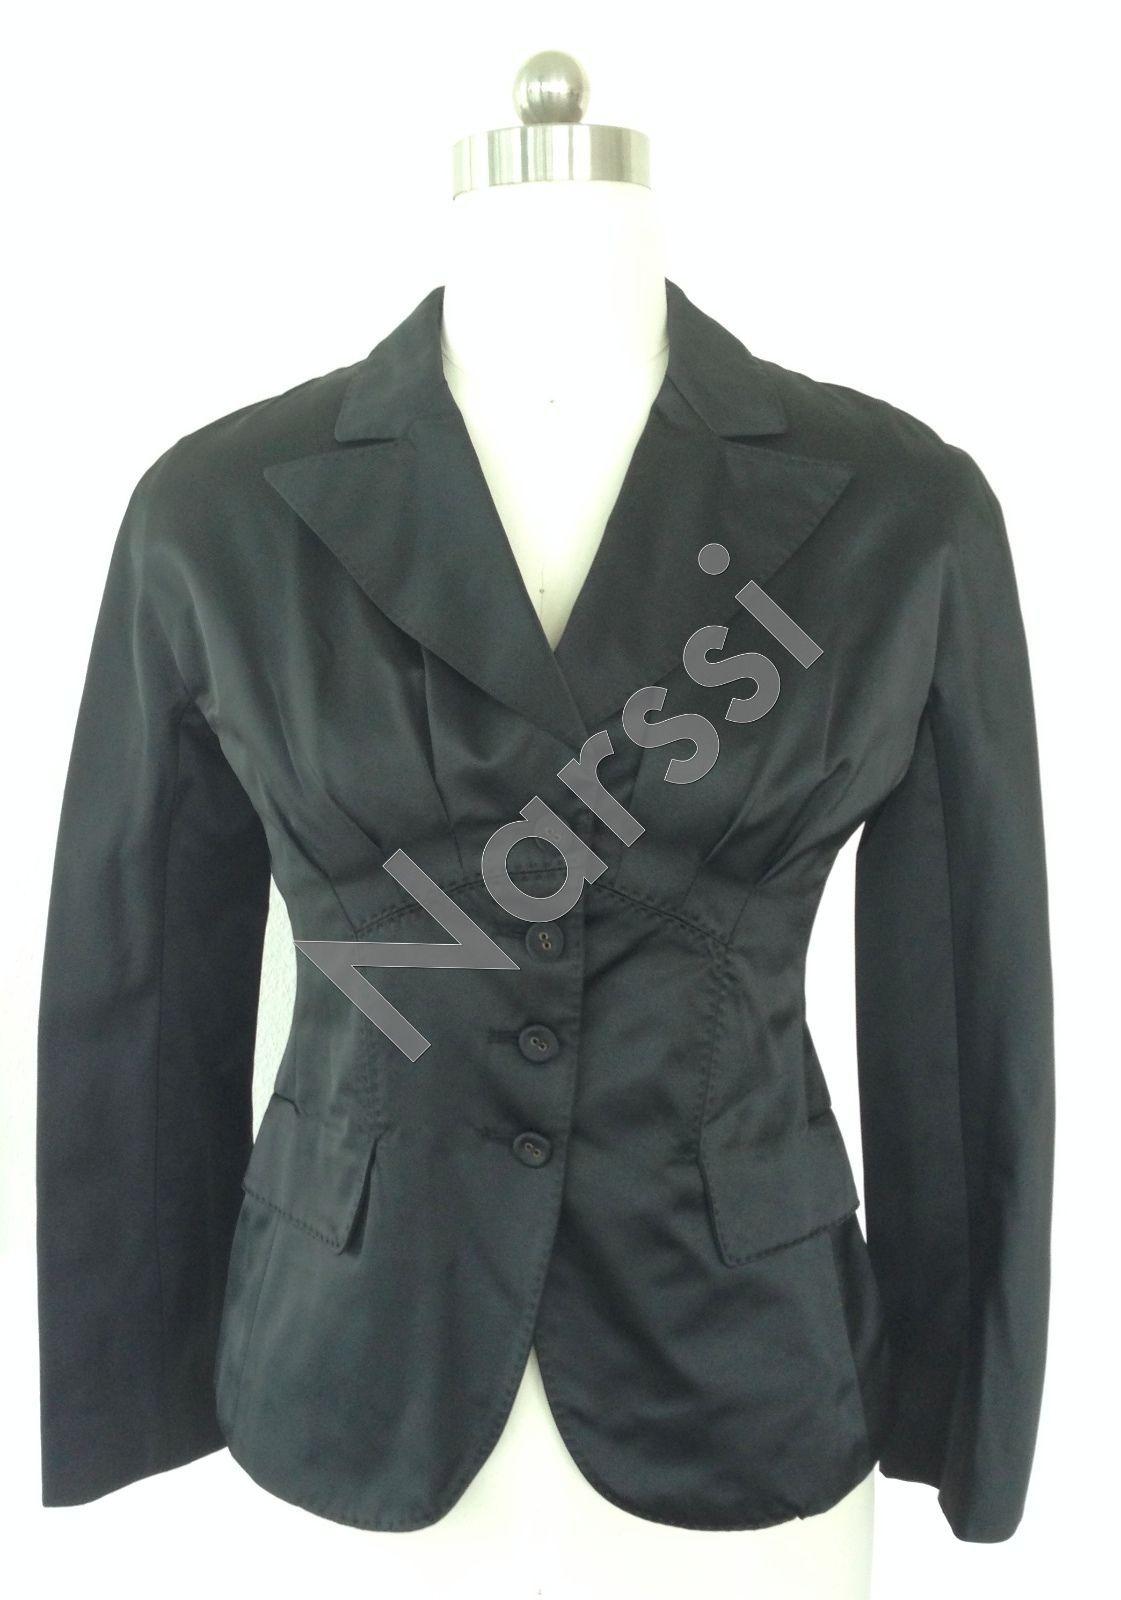 Super Chic Bottega Veneta Black Luster Blazer Sz 38 - $429.00